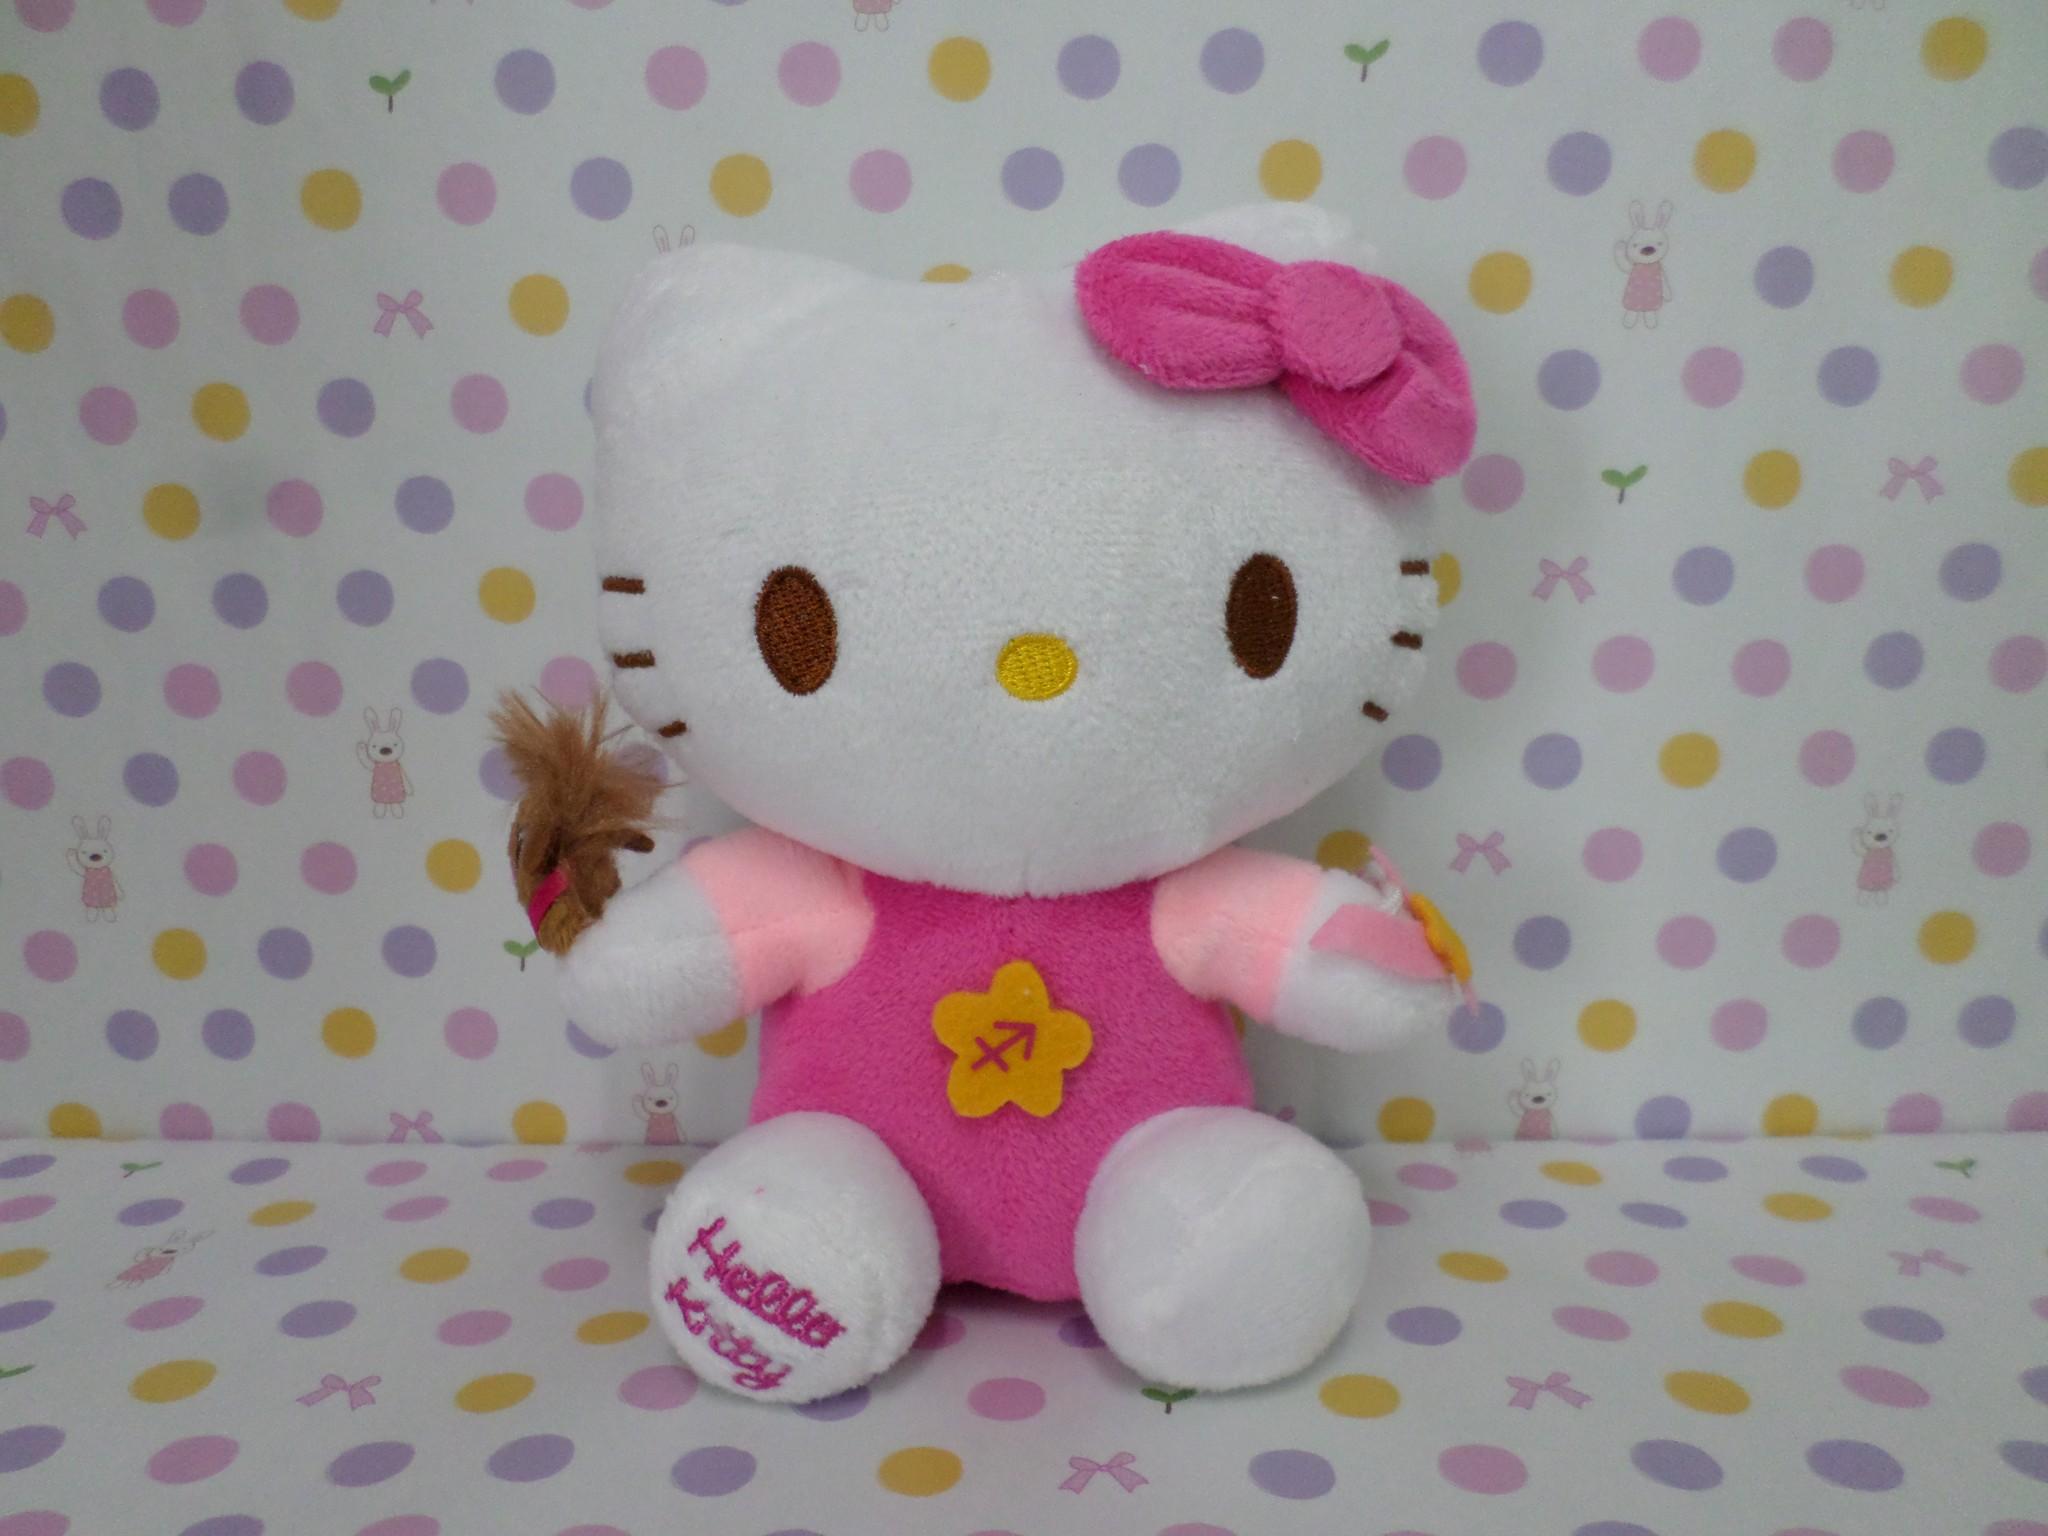 ตุ๊กตาฮัลโหลคิตตี้ Hello kitty#3 ขนาดสูง 7 นิ้ว มีจุ๊บติดกระจก